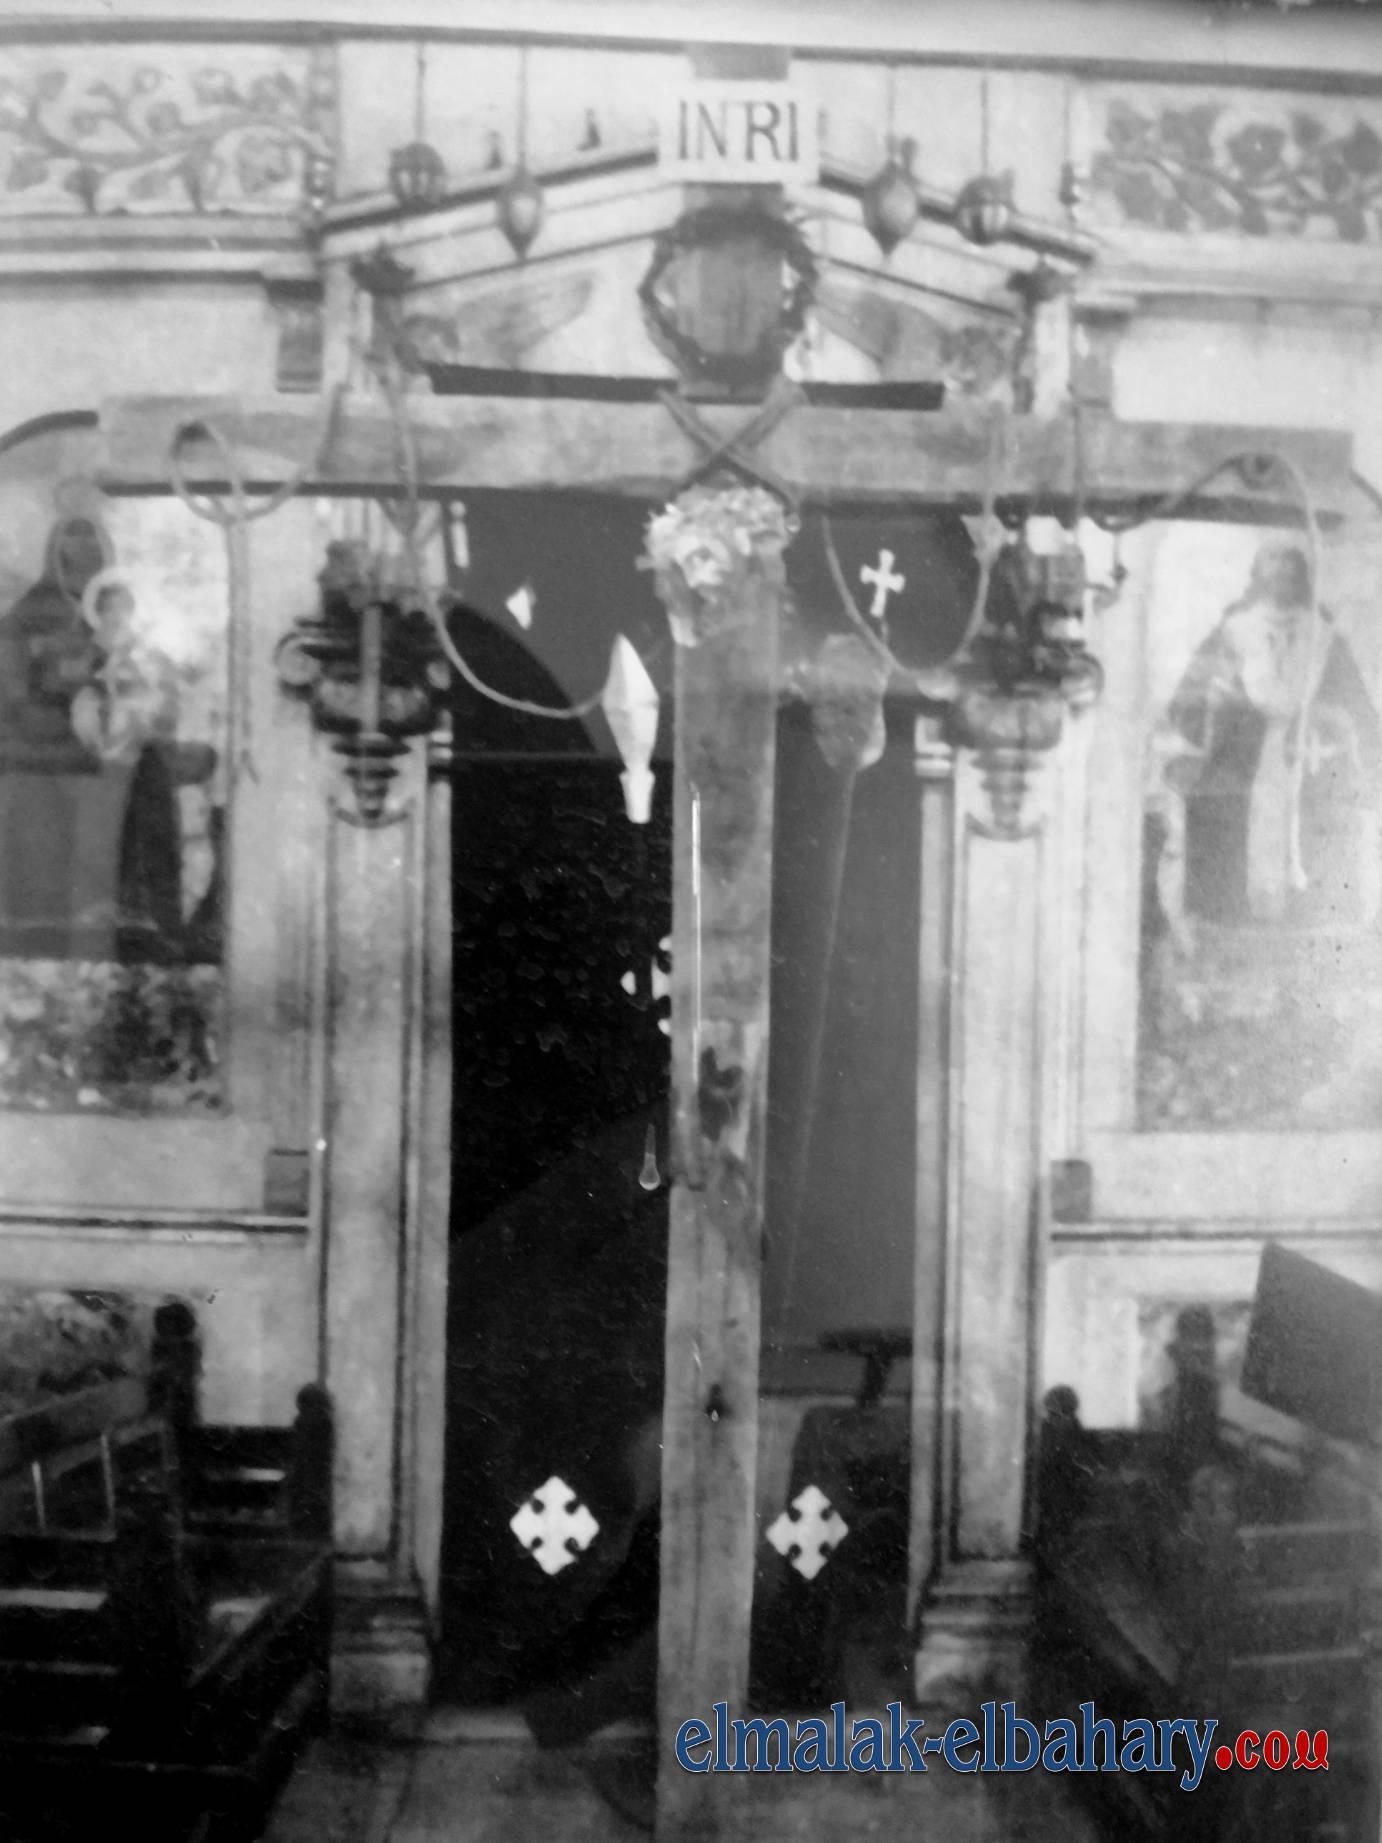 الصليب فى منتصف الكنيسة فى اسبوع الالام